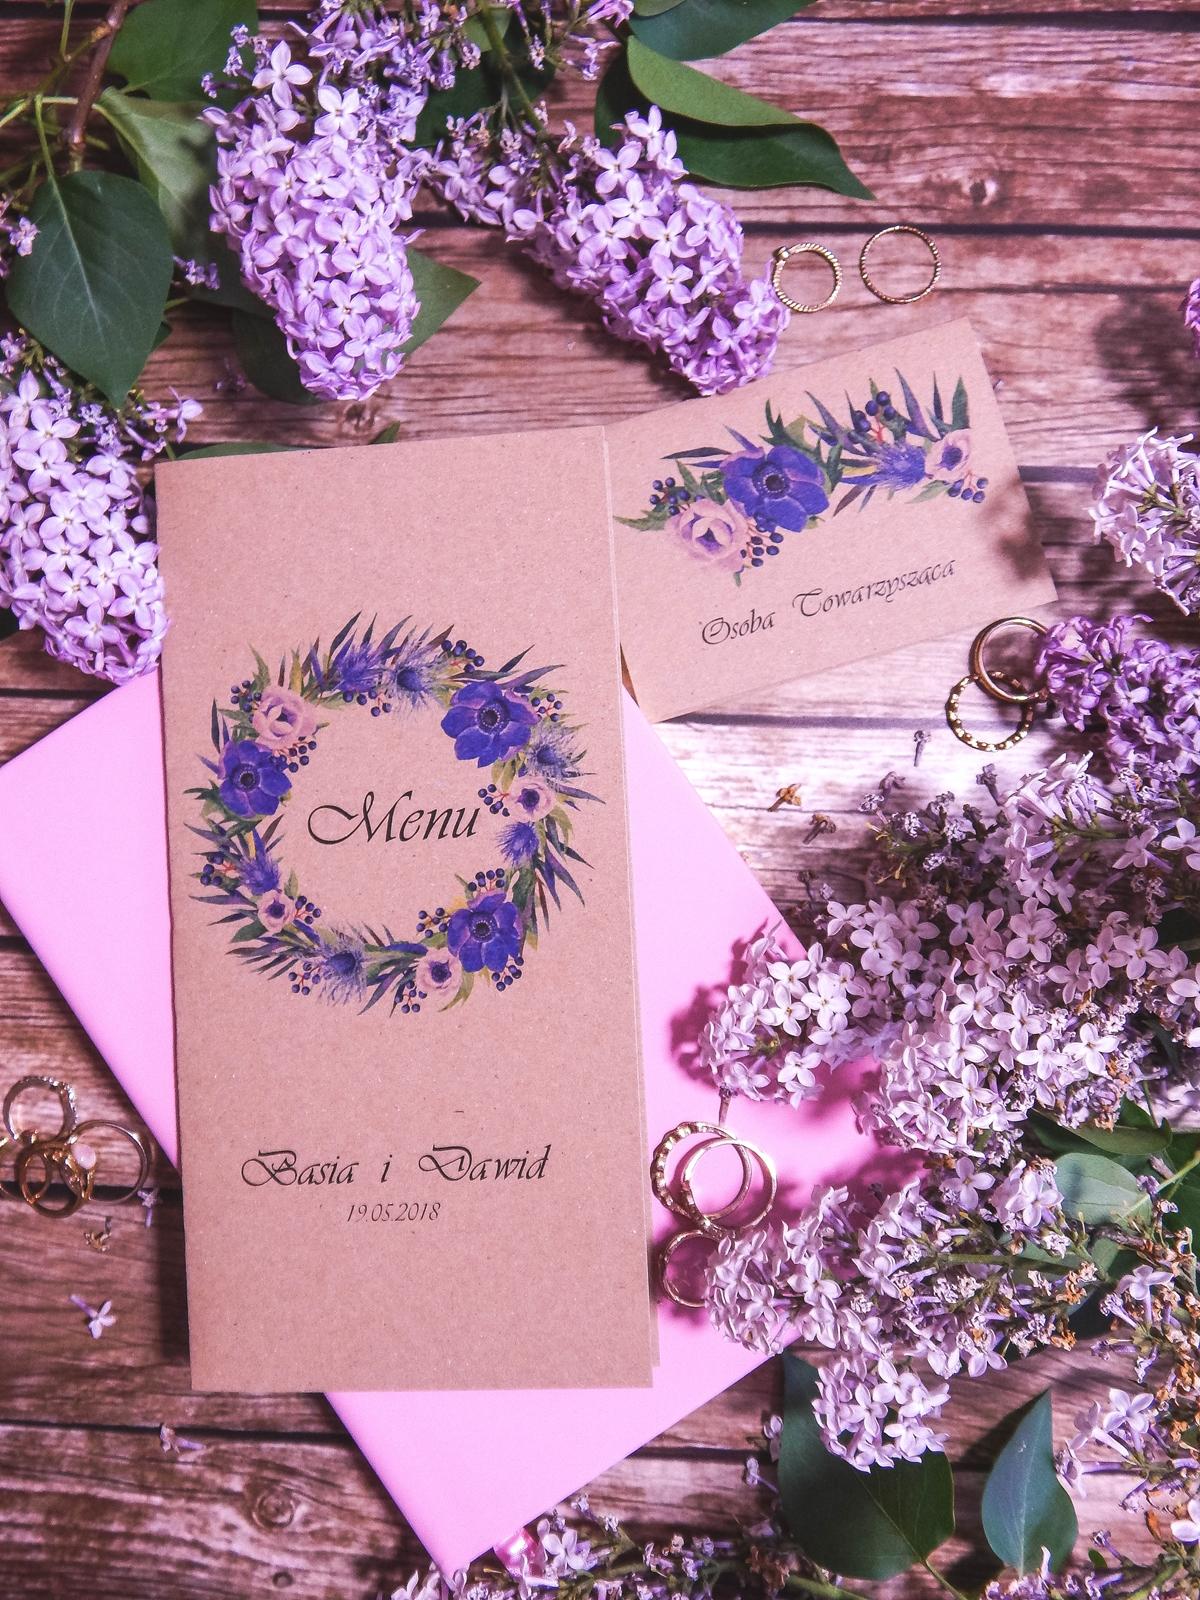 7 jak usadzić goście na weselu zasady rozsadzania gości jak dobrać winietki menu numery na stoły weselne